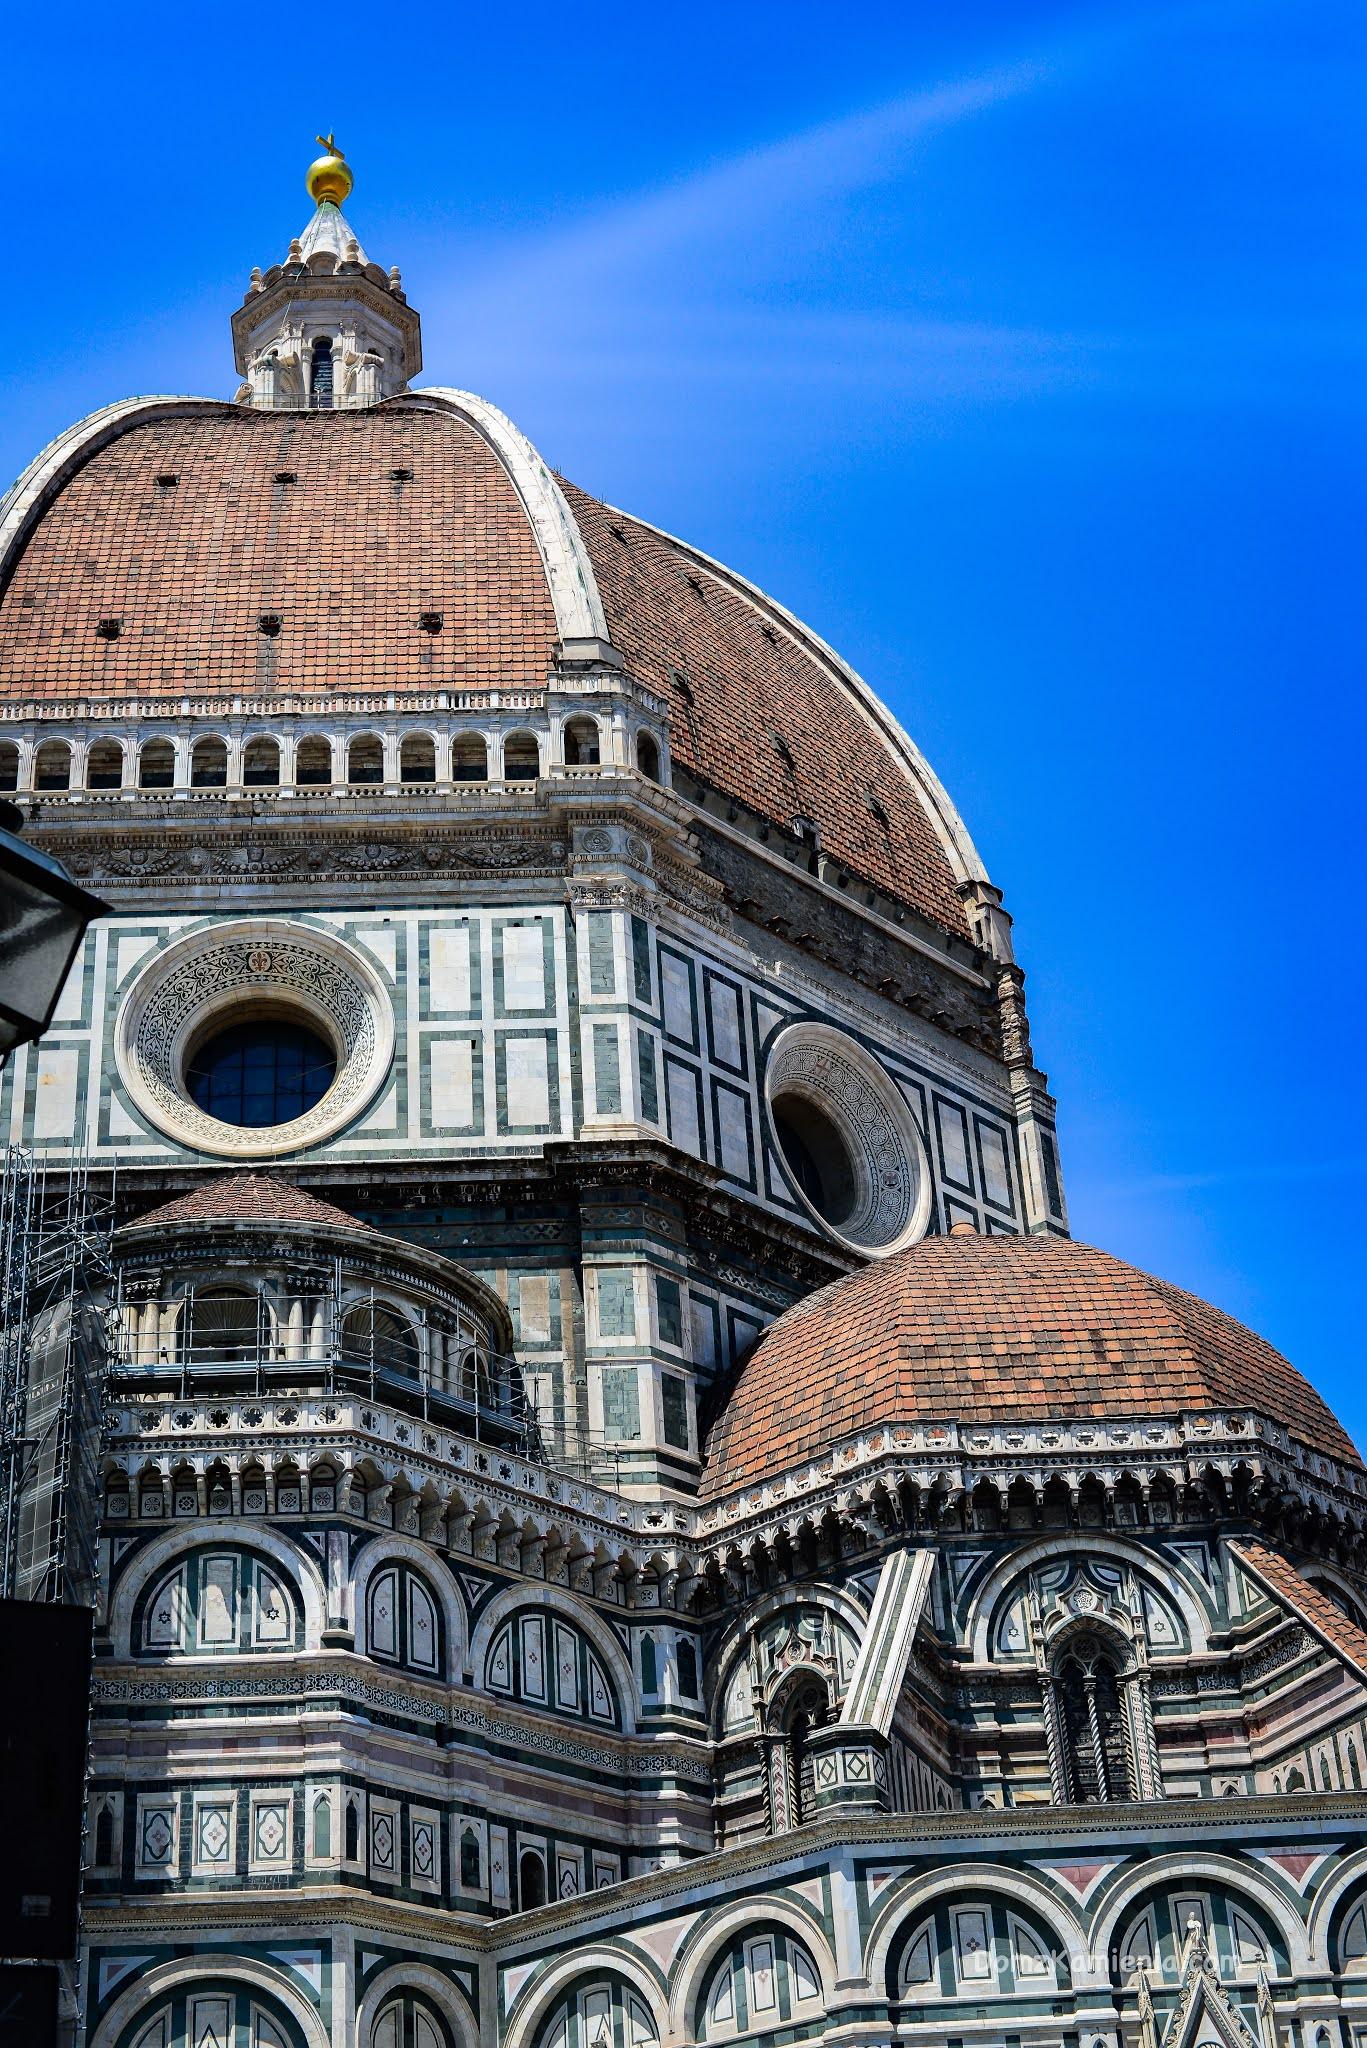 Dom z Kamienia, Kasia Nowacka Sekrety Florencji